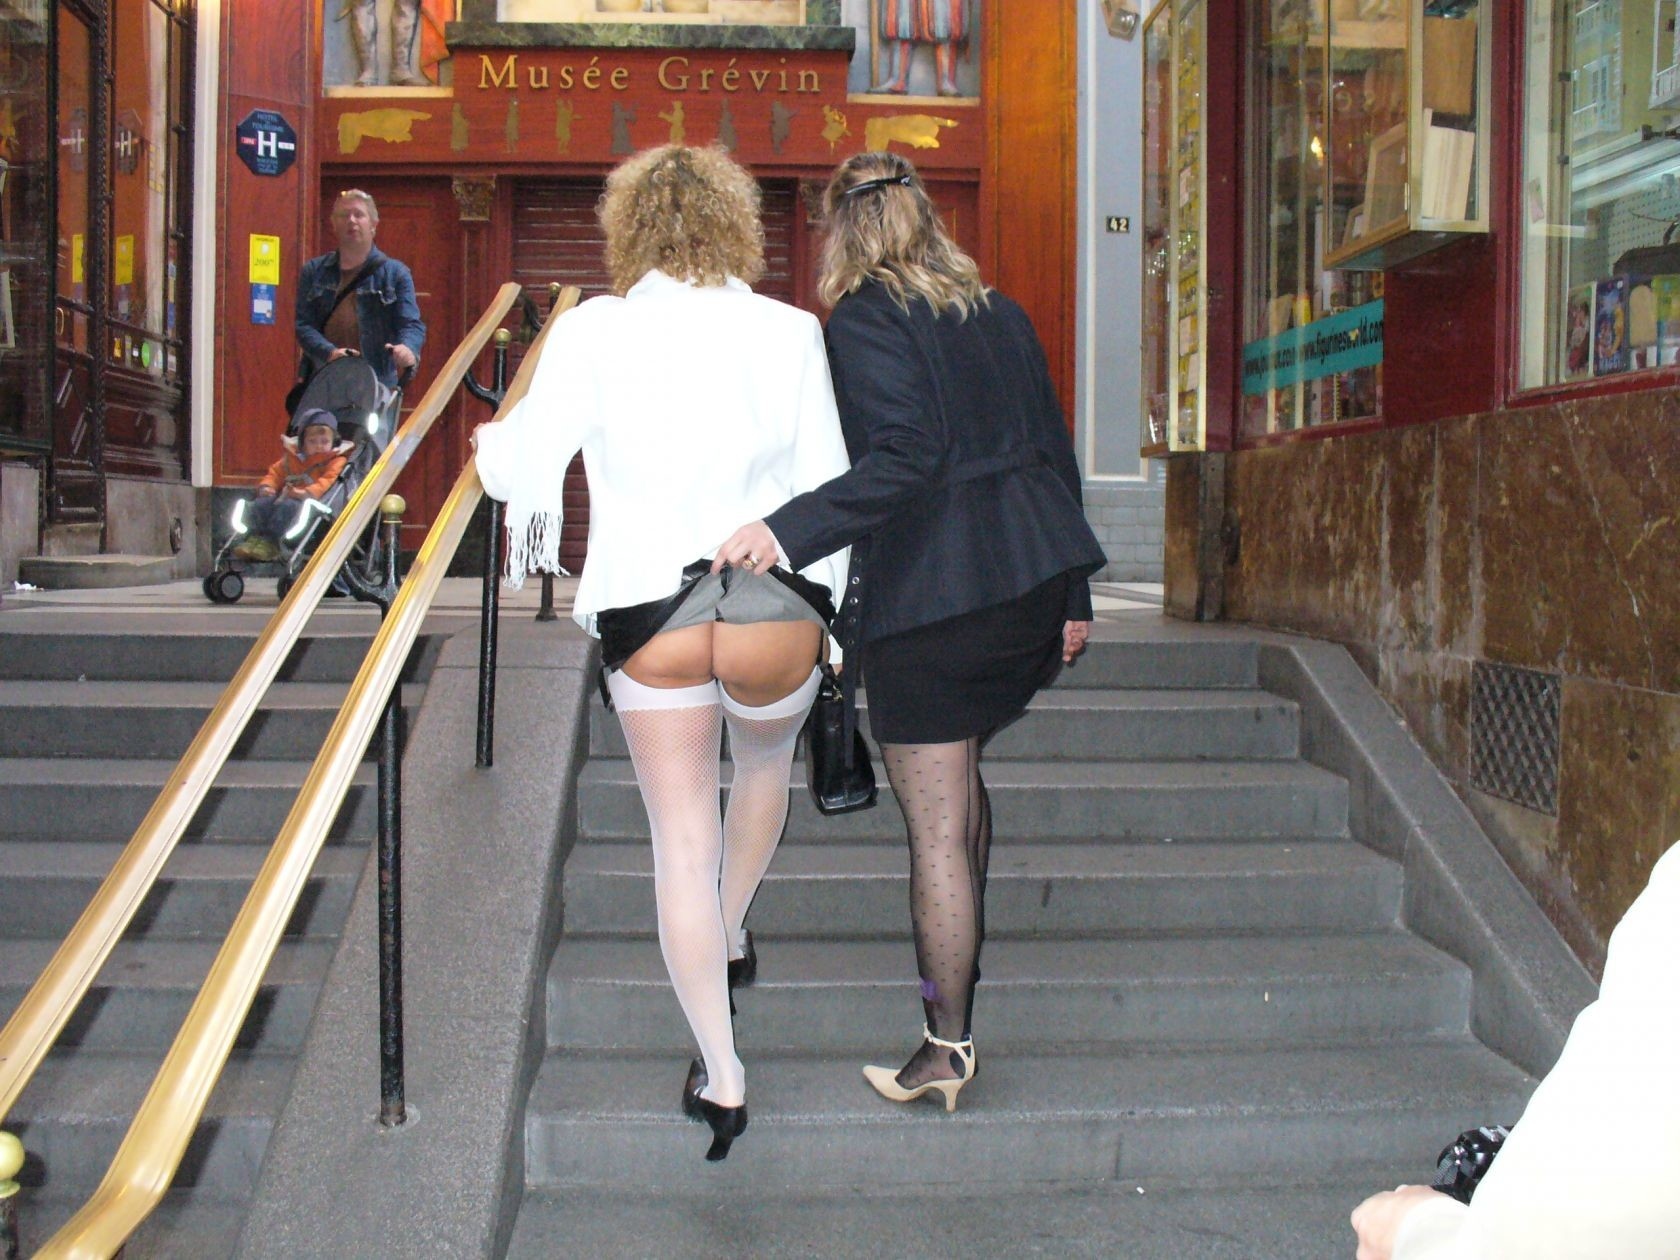 Зрелая женщина гуляет по городу и показывает себя в самых разных ракурсах – ей нравится обращать на себя внимание